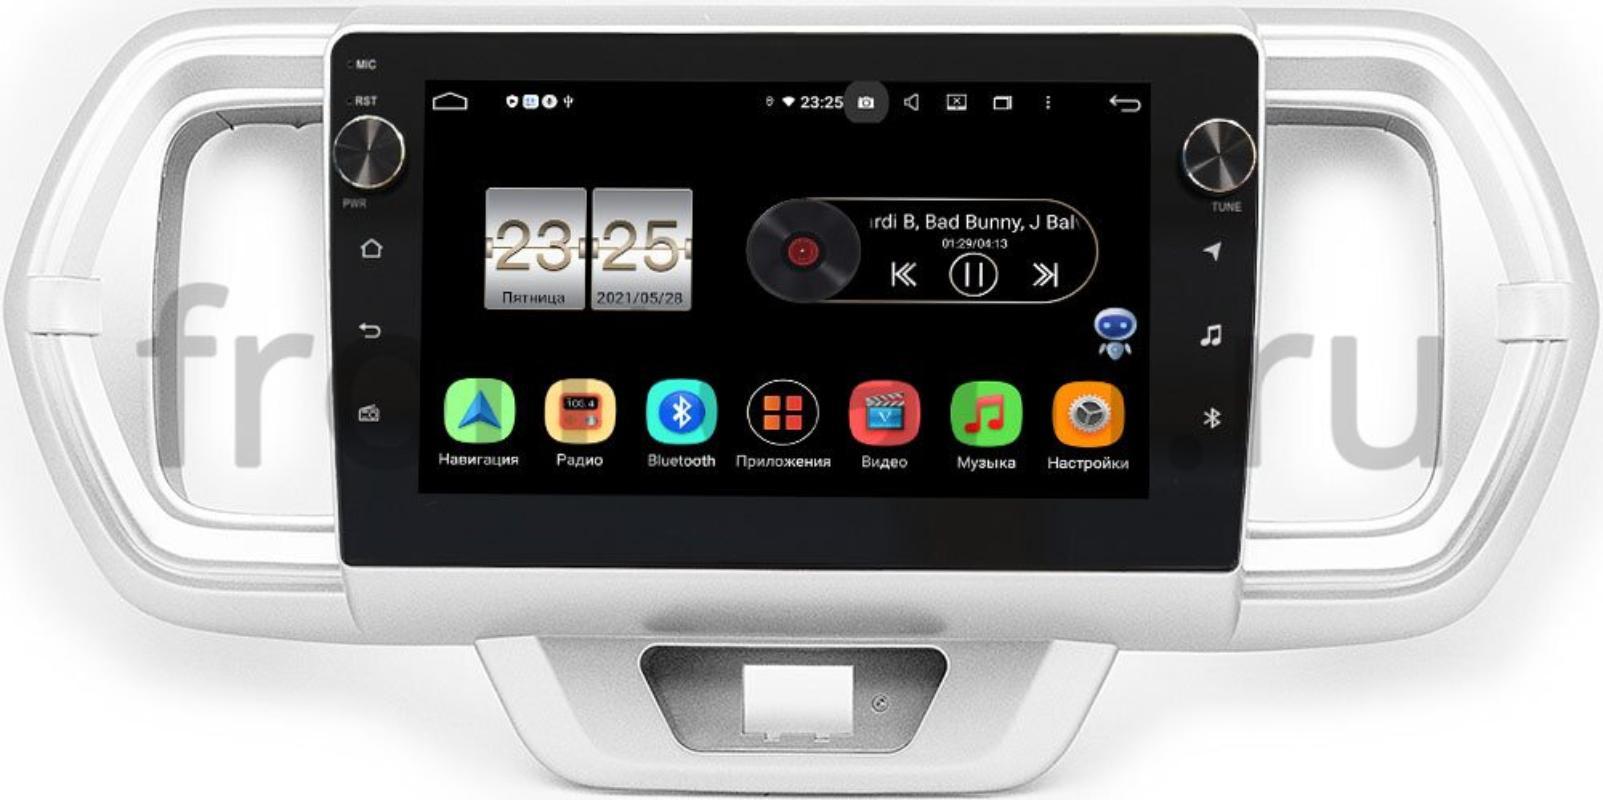 Штатная магнитола Toyota Passo III 2016-2021 LeTrun BPX409-1056 на Android 10 (4/32, DSP, IPS, с голосовым ассистентом, с крутилками) (+ Камера заднего вида в подарок!)